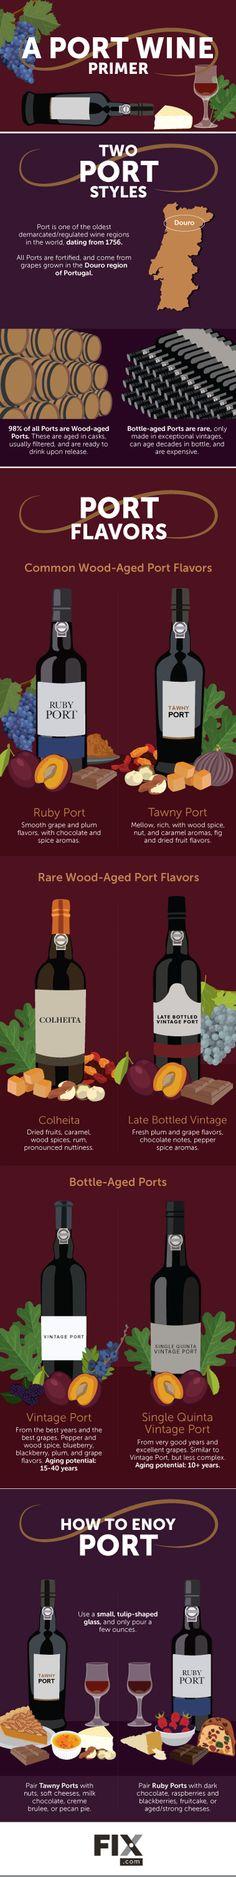 Understanding Port Wine Flavors | Fix.com